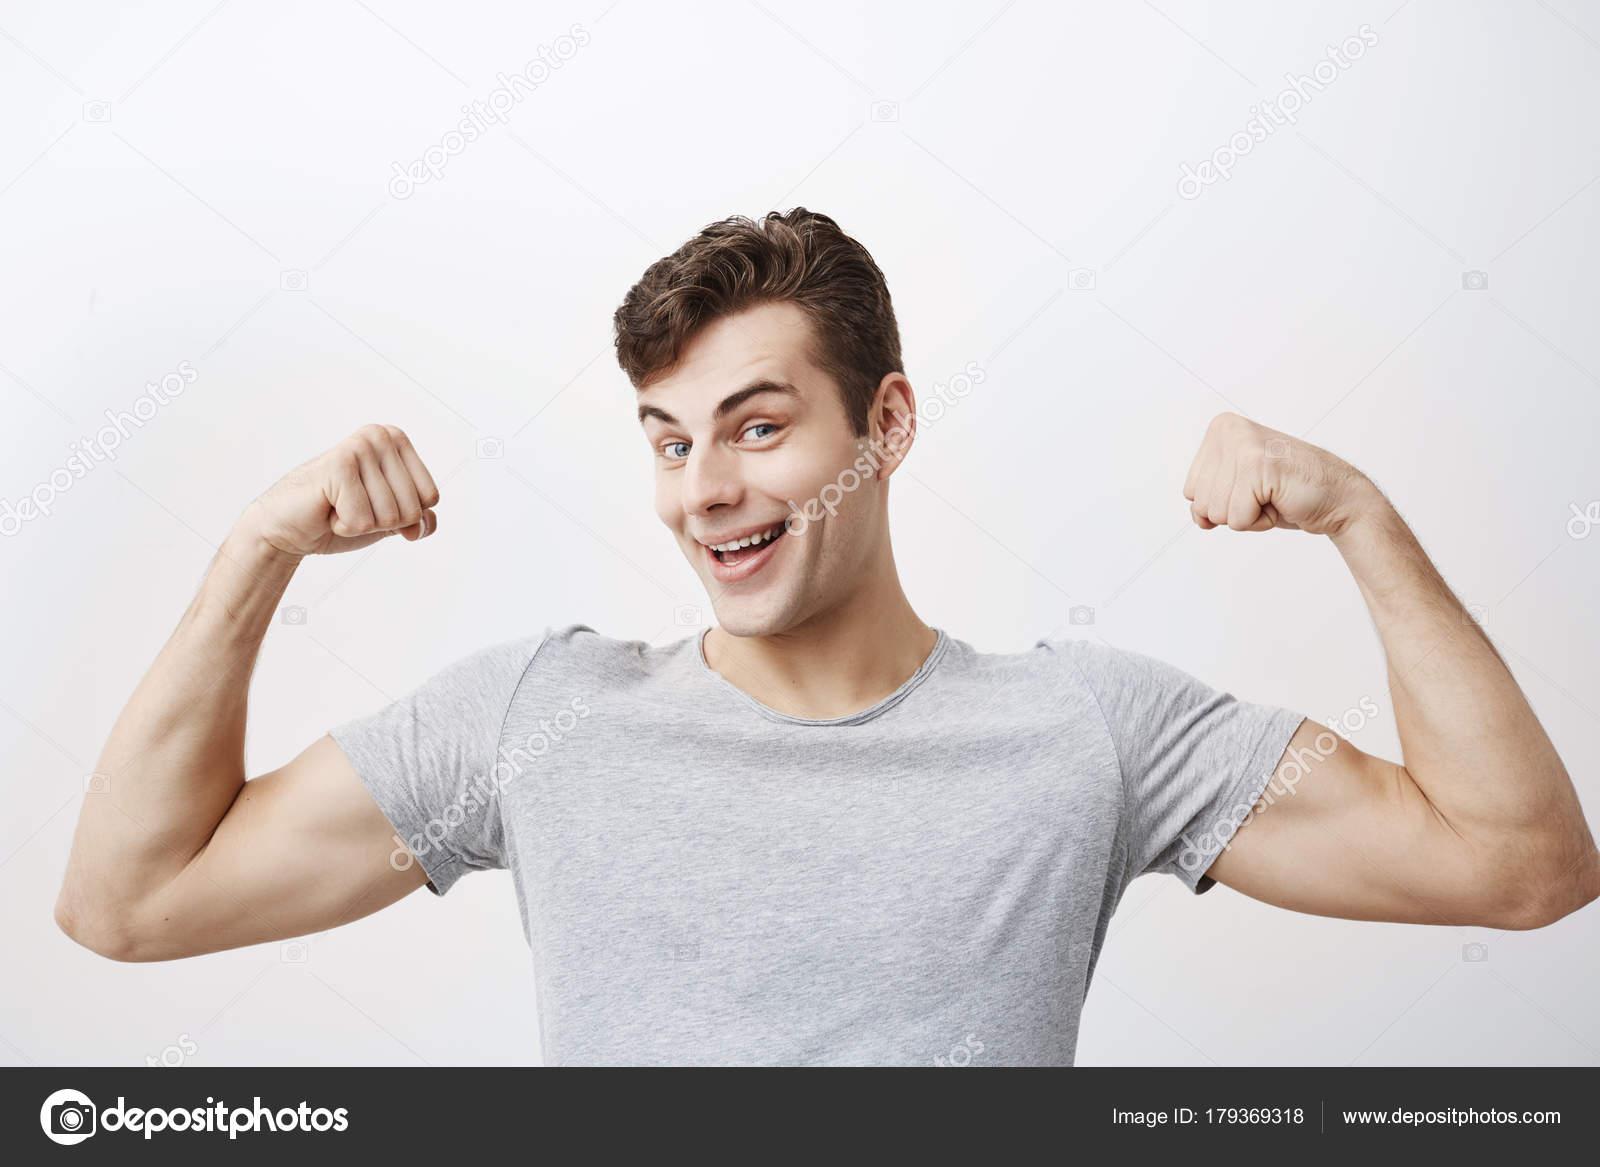 Positive emotionale Mann lächelt, zeigt Muskeln an den Armen, fühlt ...